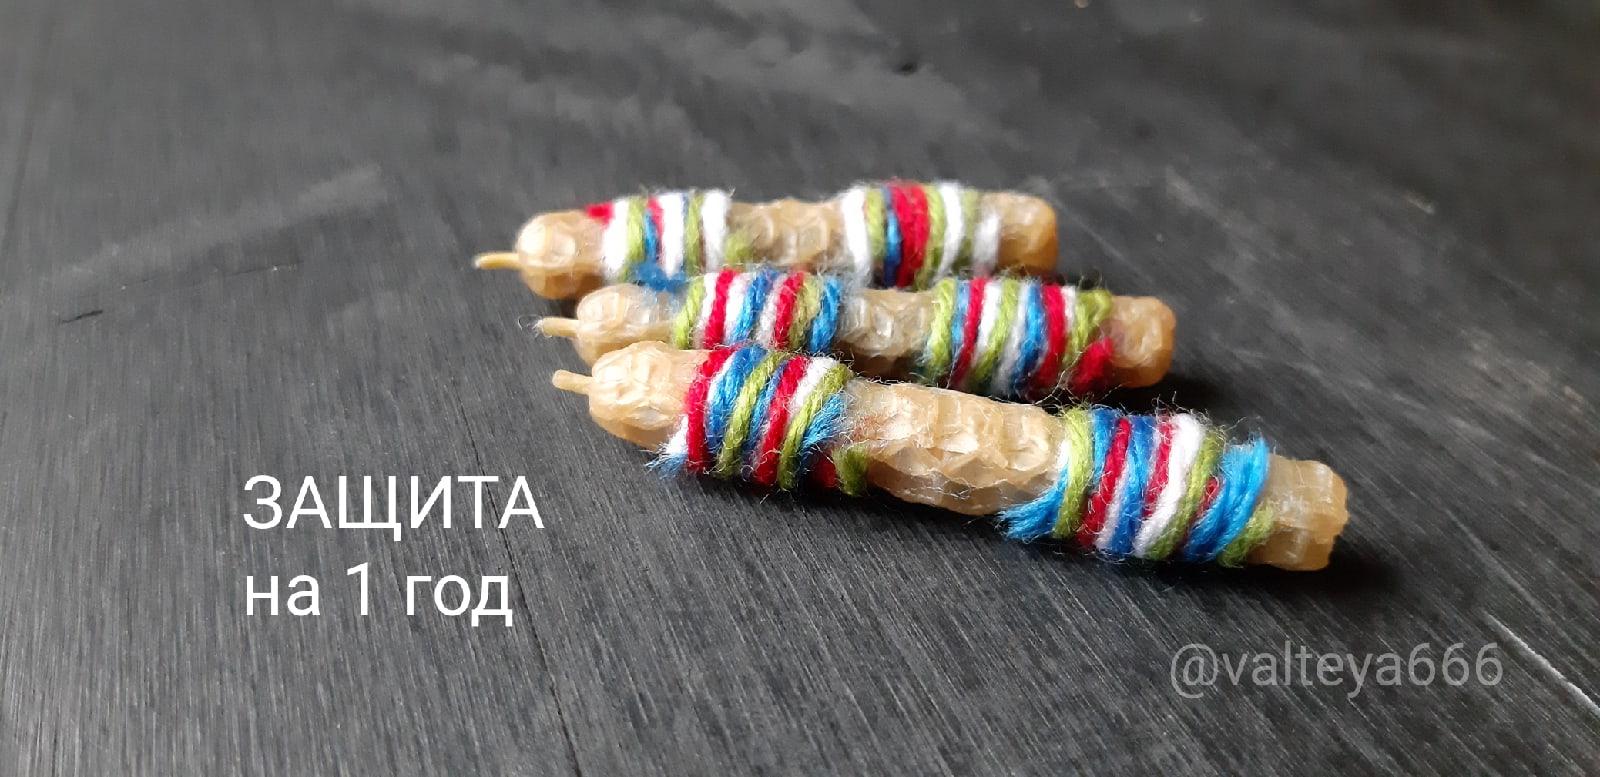 любовнаямагия - Программные свечи от Елены Руденко. - Страница 17 OSSIjLhczNA